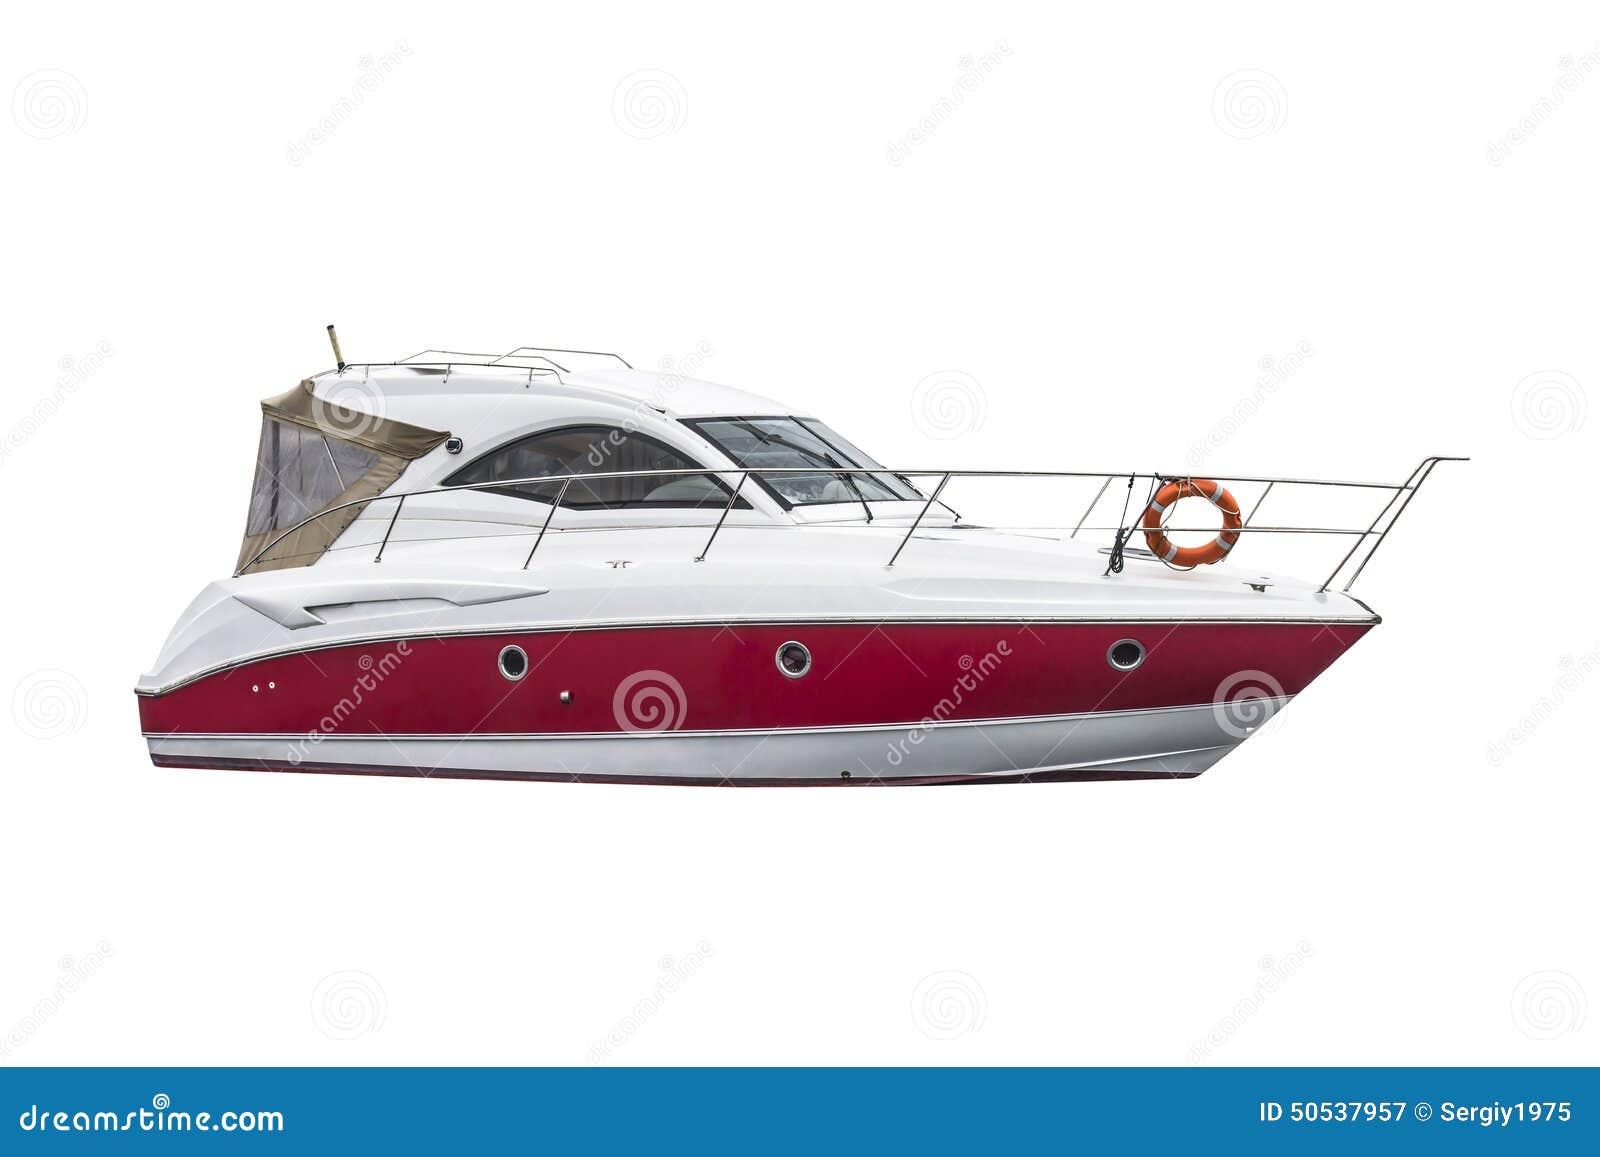 Boat Stock Photo - Image: 50537957